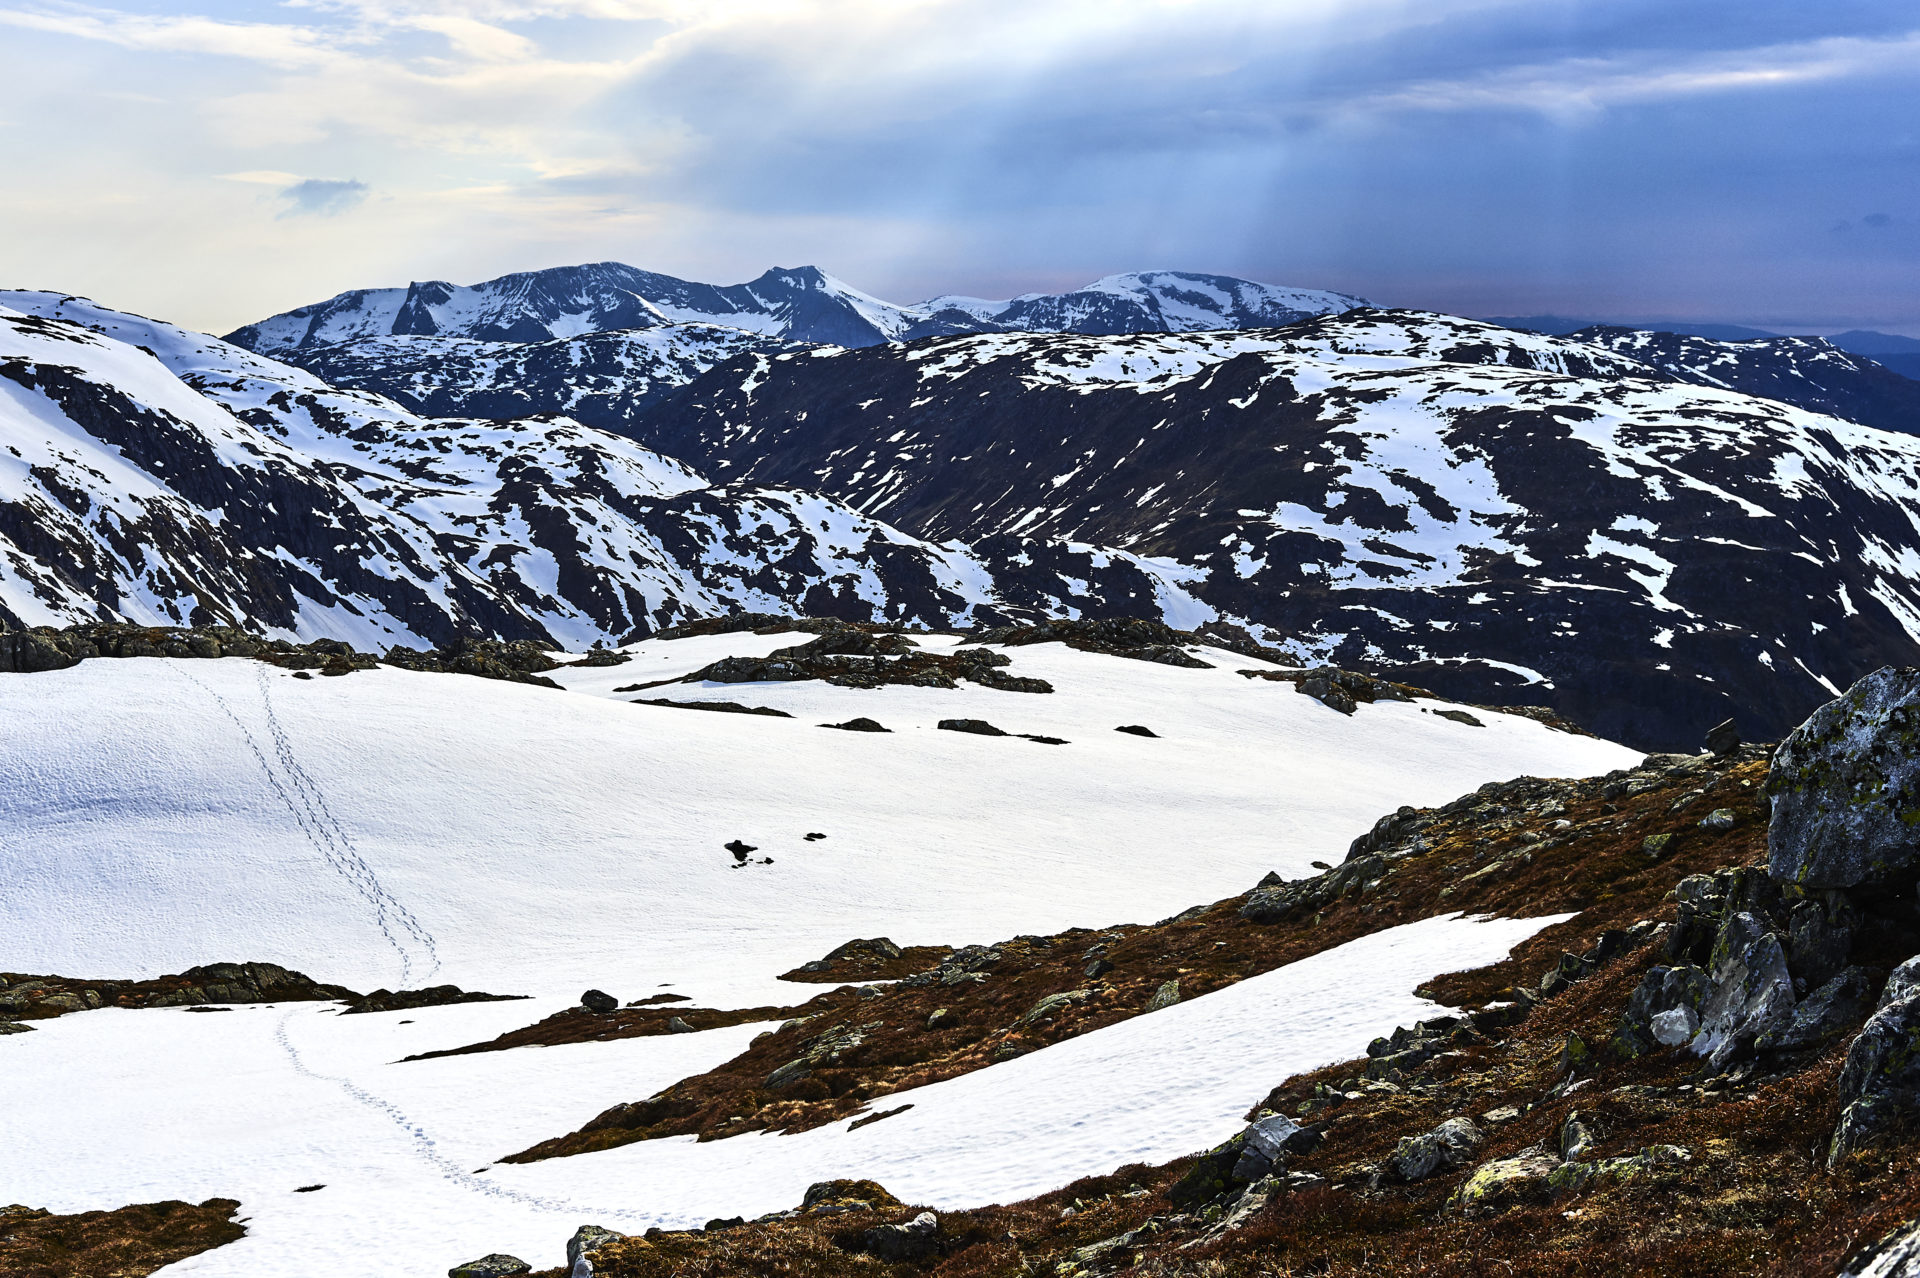 Hardangervidda in May